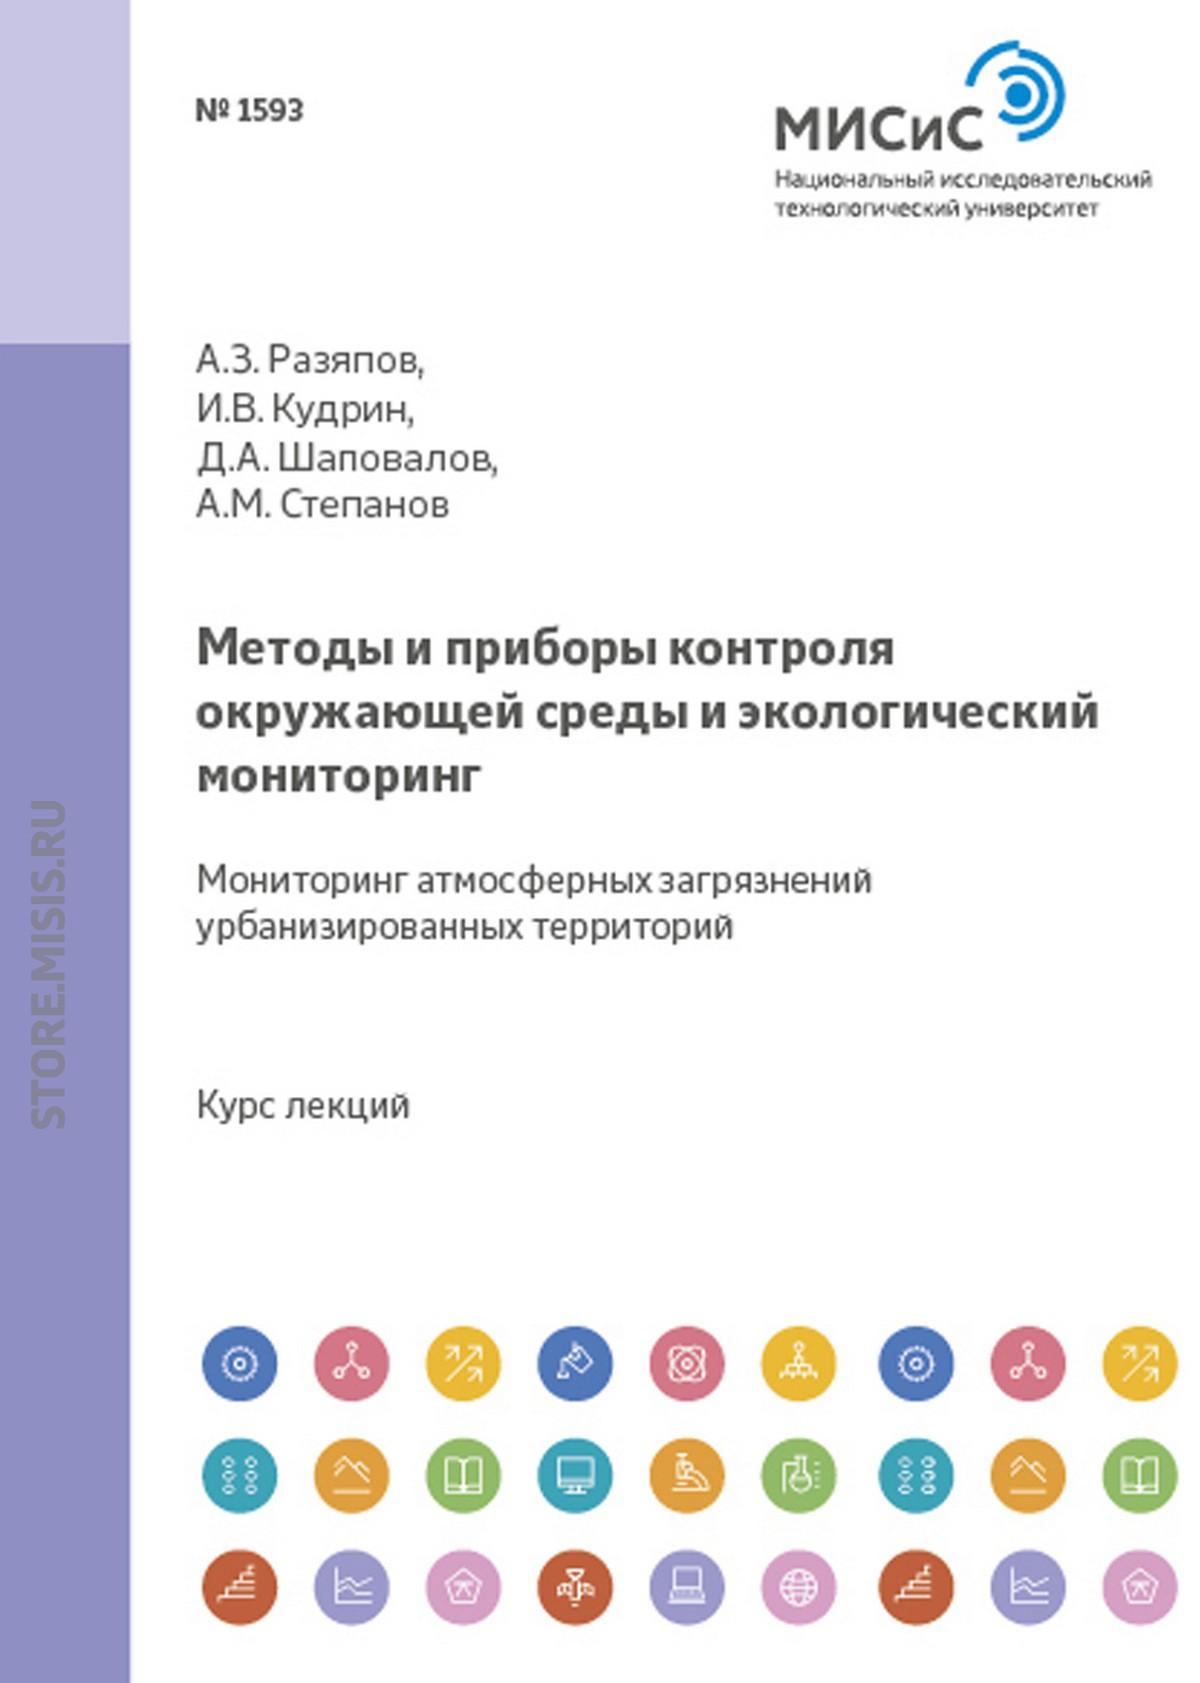 Дмитрий Шаповалов Методы и приборы контроля окружающей среды экологический мониторинг. Мониторинг атмосферных загрязнений урбанизированных территорий